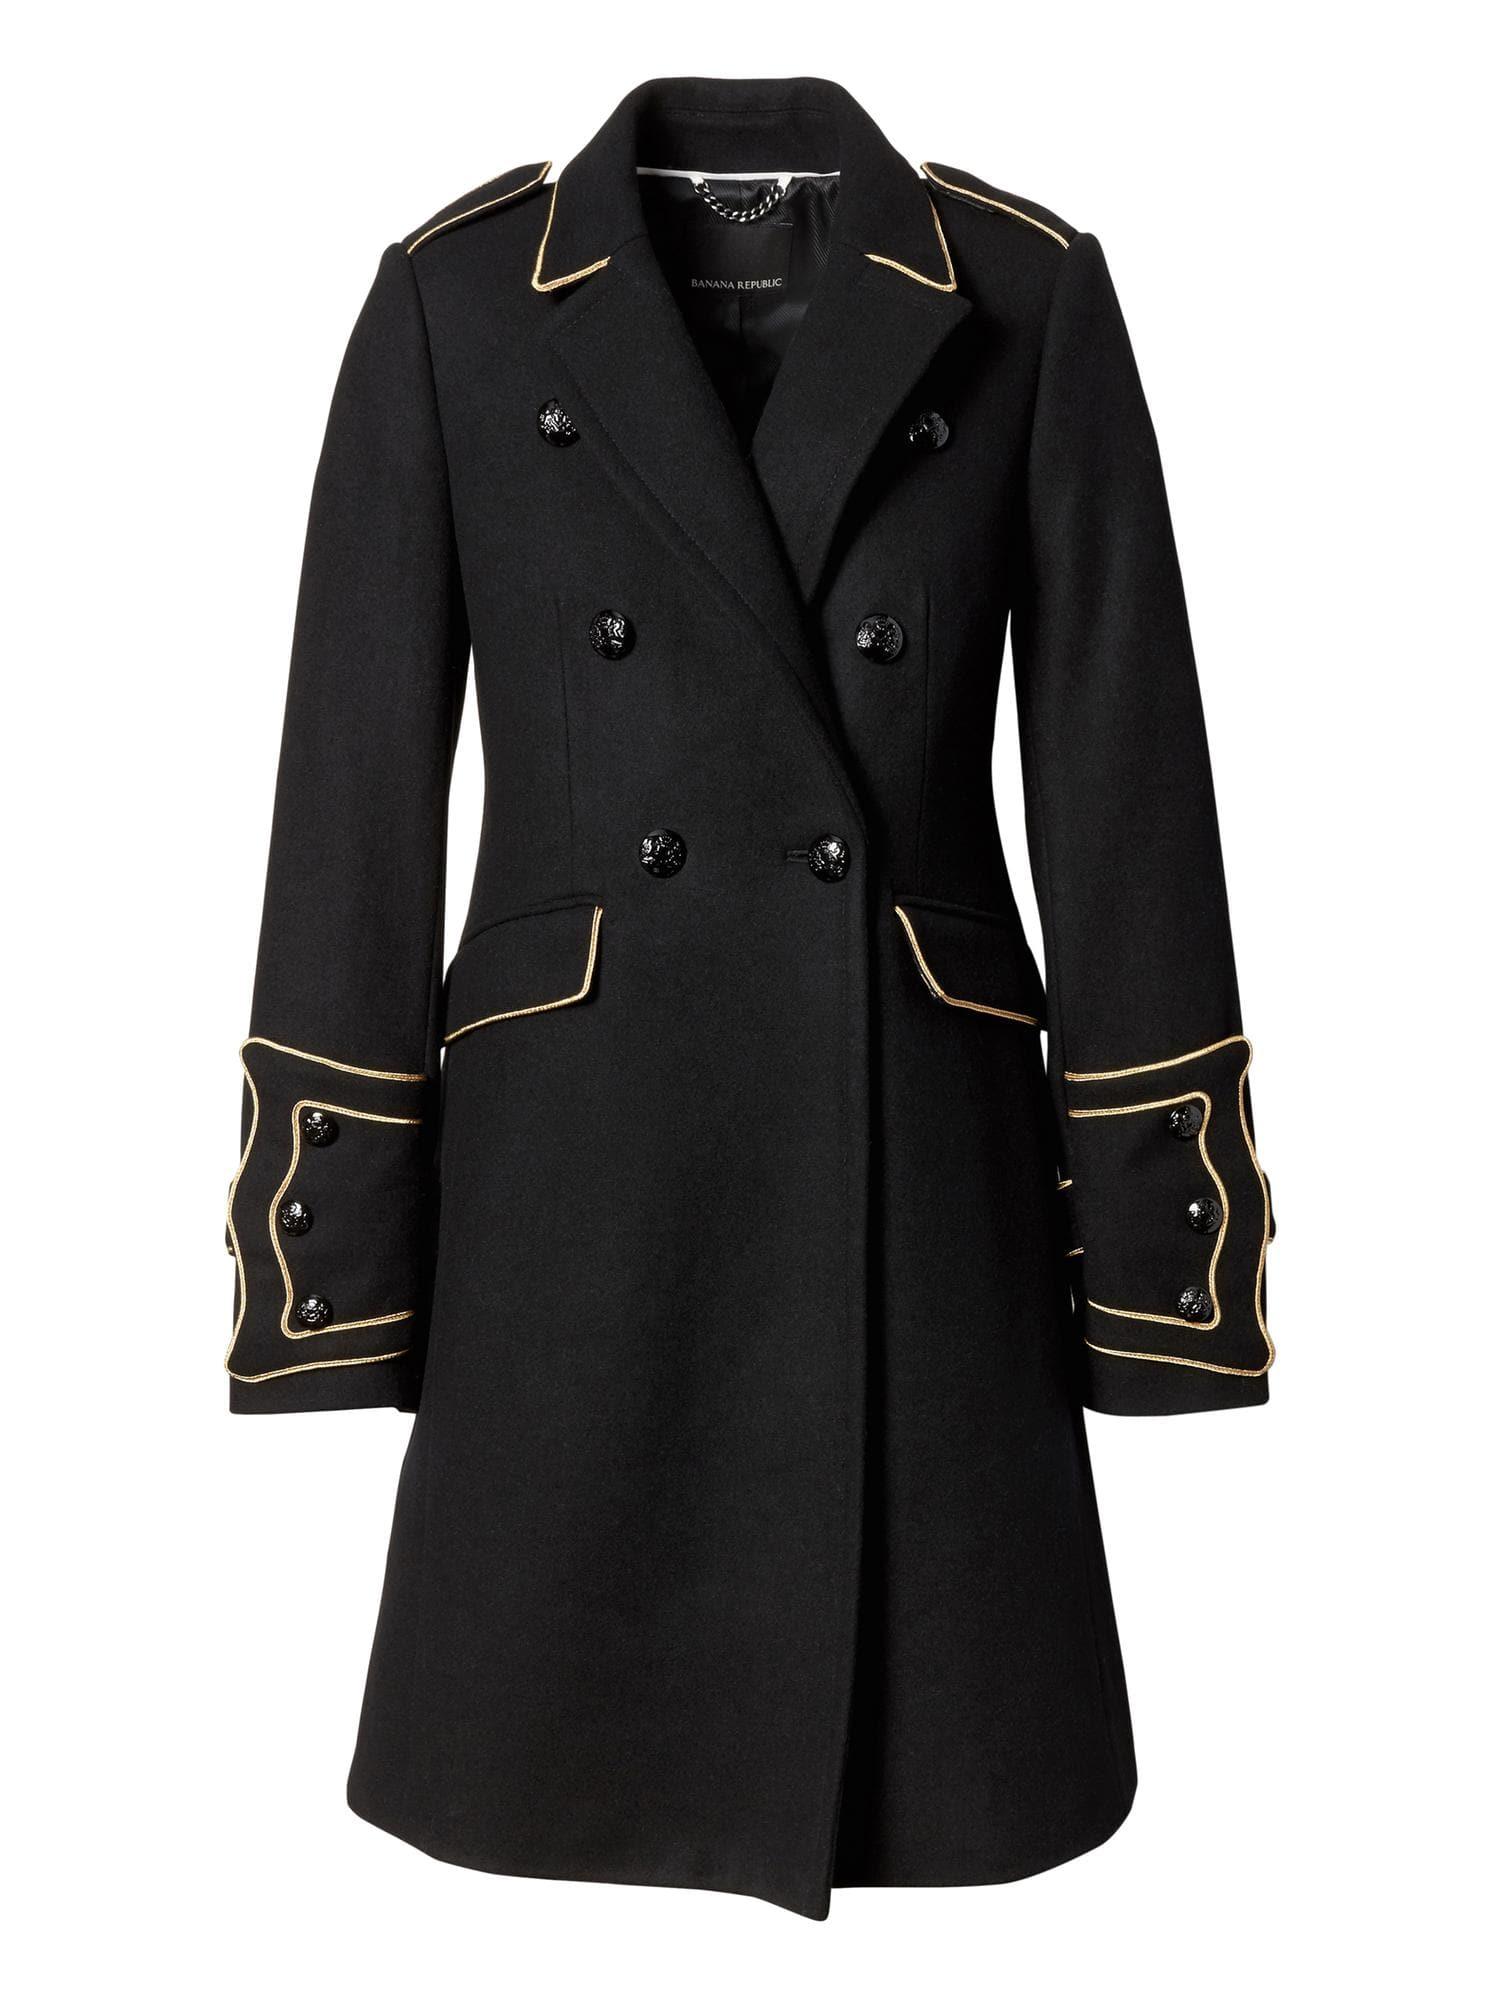 Banana republic black wool wrap coat